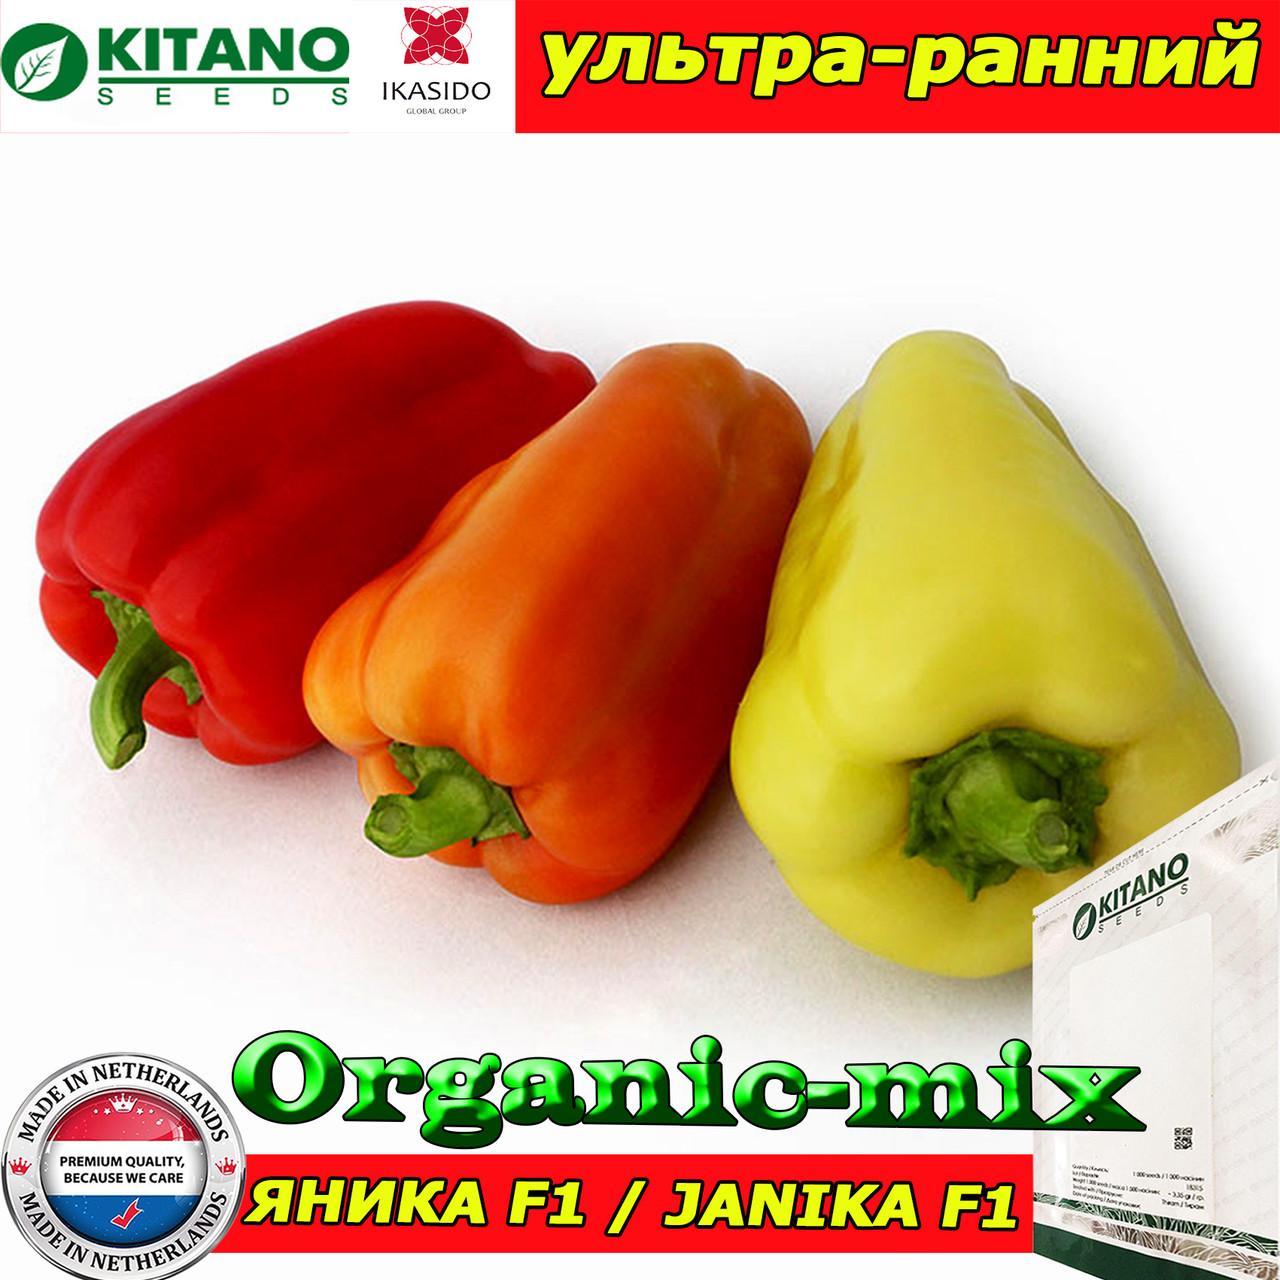 Перец ультра-ранний ЯНИКА F1, пакет 1000 семян, ТМ Kitano Seeds (Нидерланды)